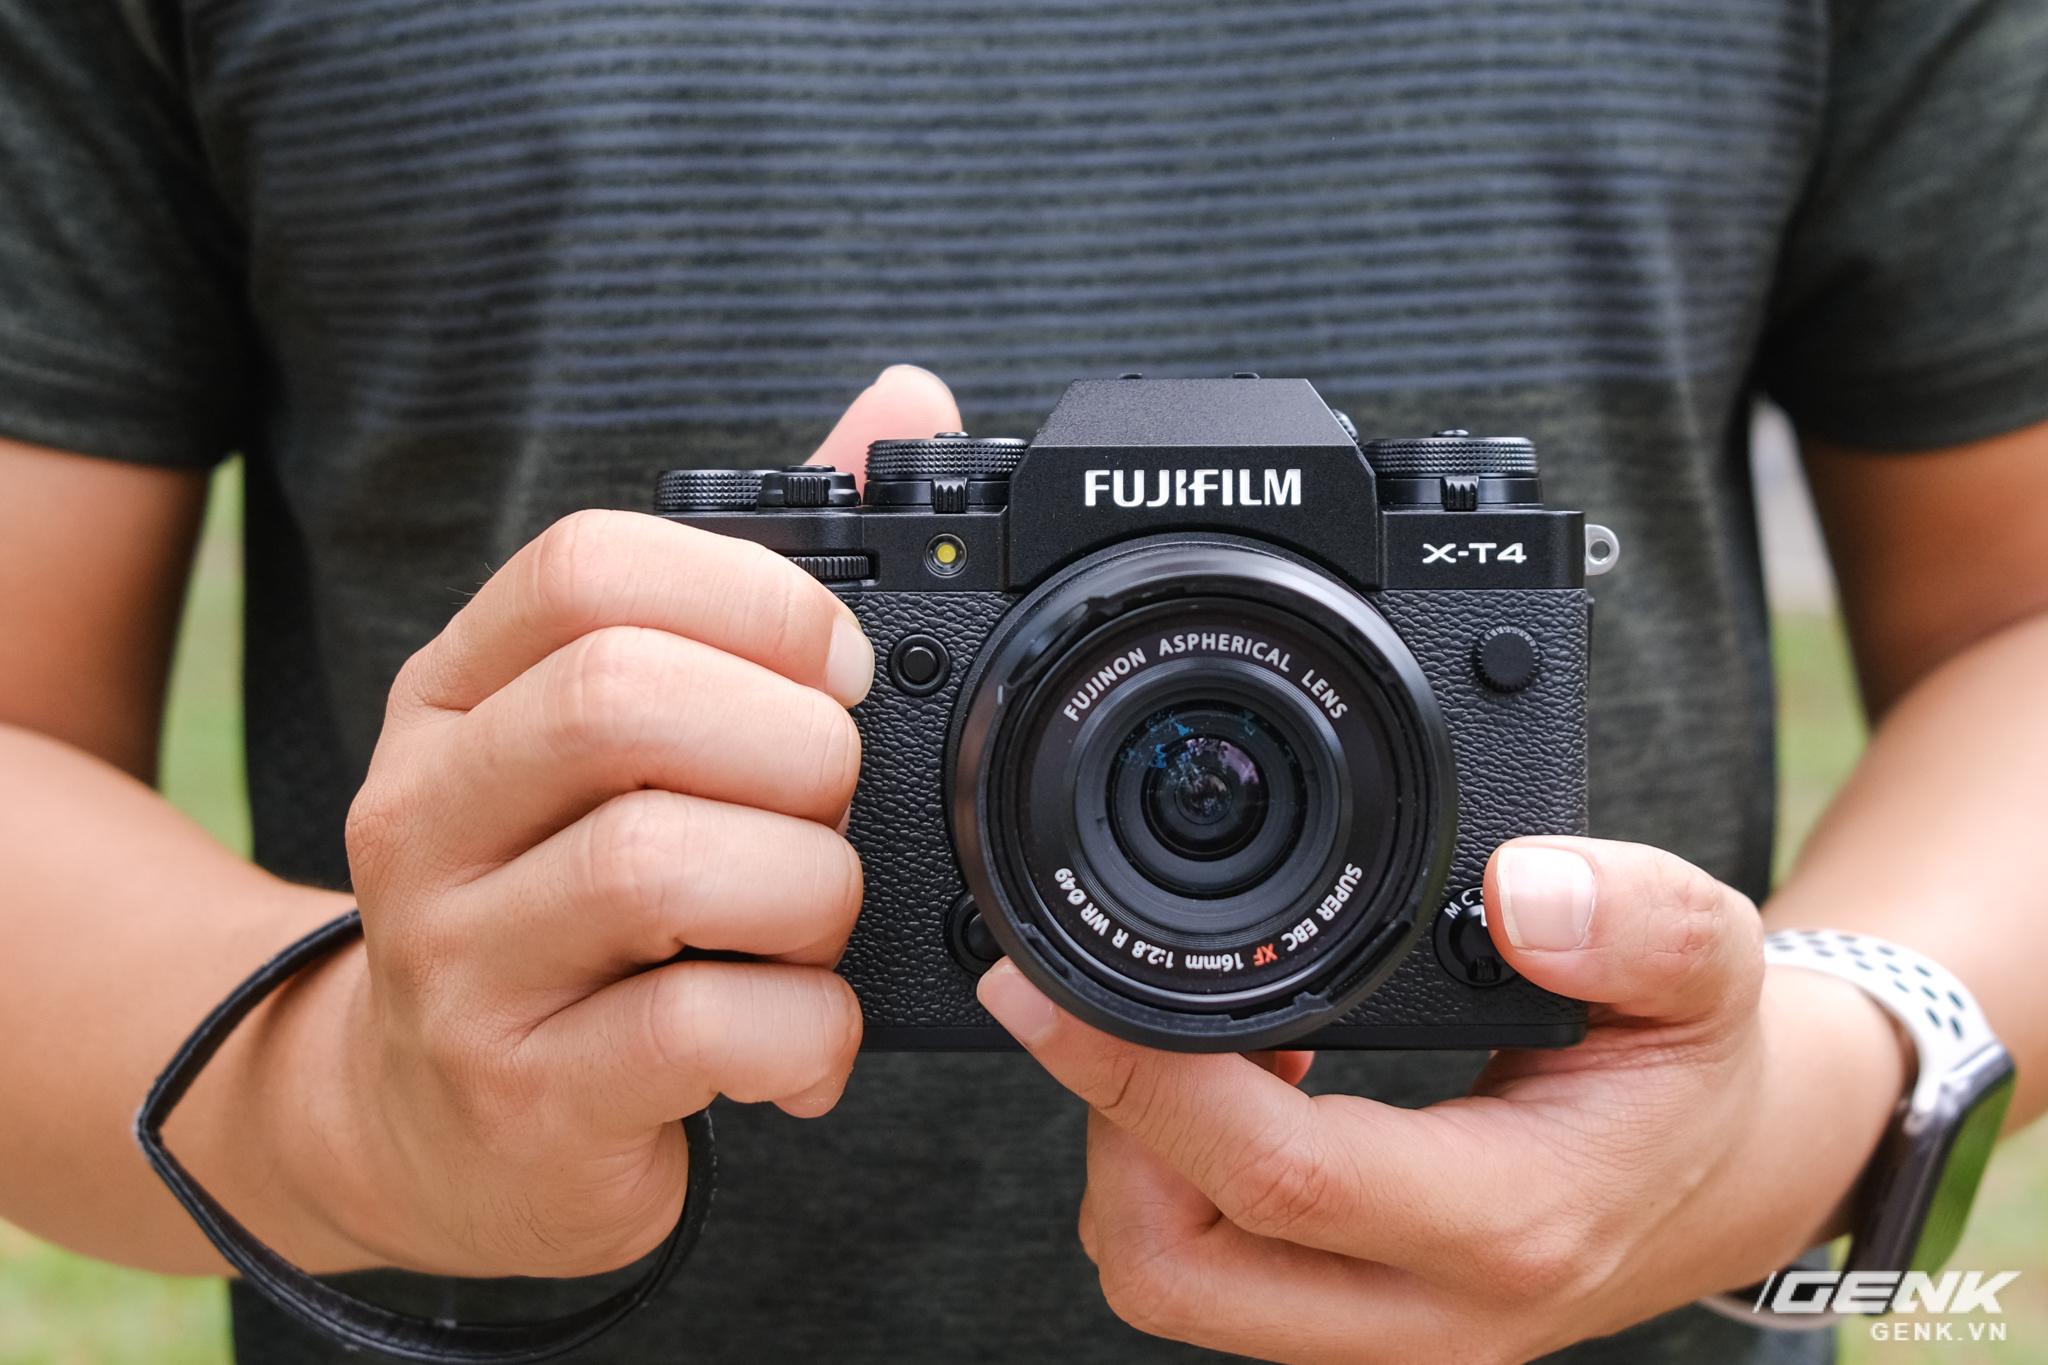 Trải nghiệm nhanh Fujifilm X-T4: Có gì hay và đáng nâng cấp so với đời trước? - Ảnh 15.